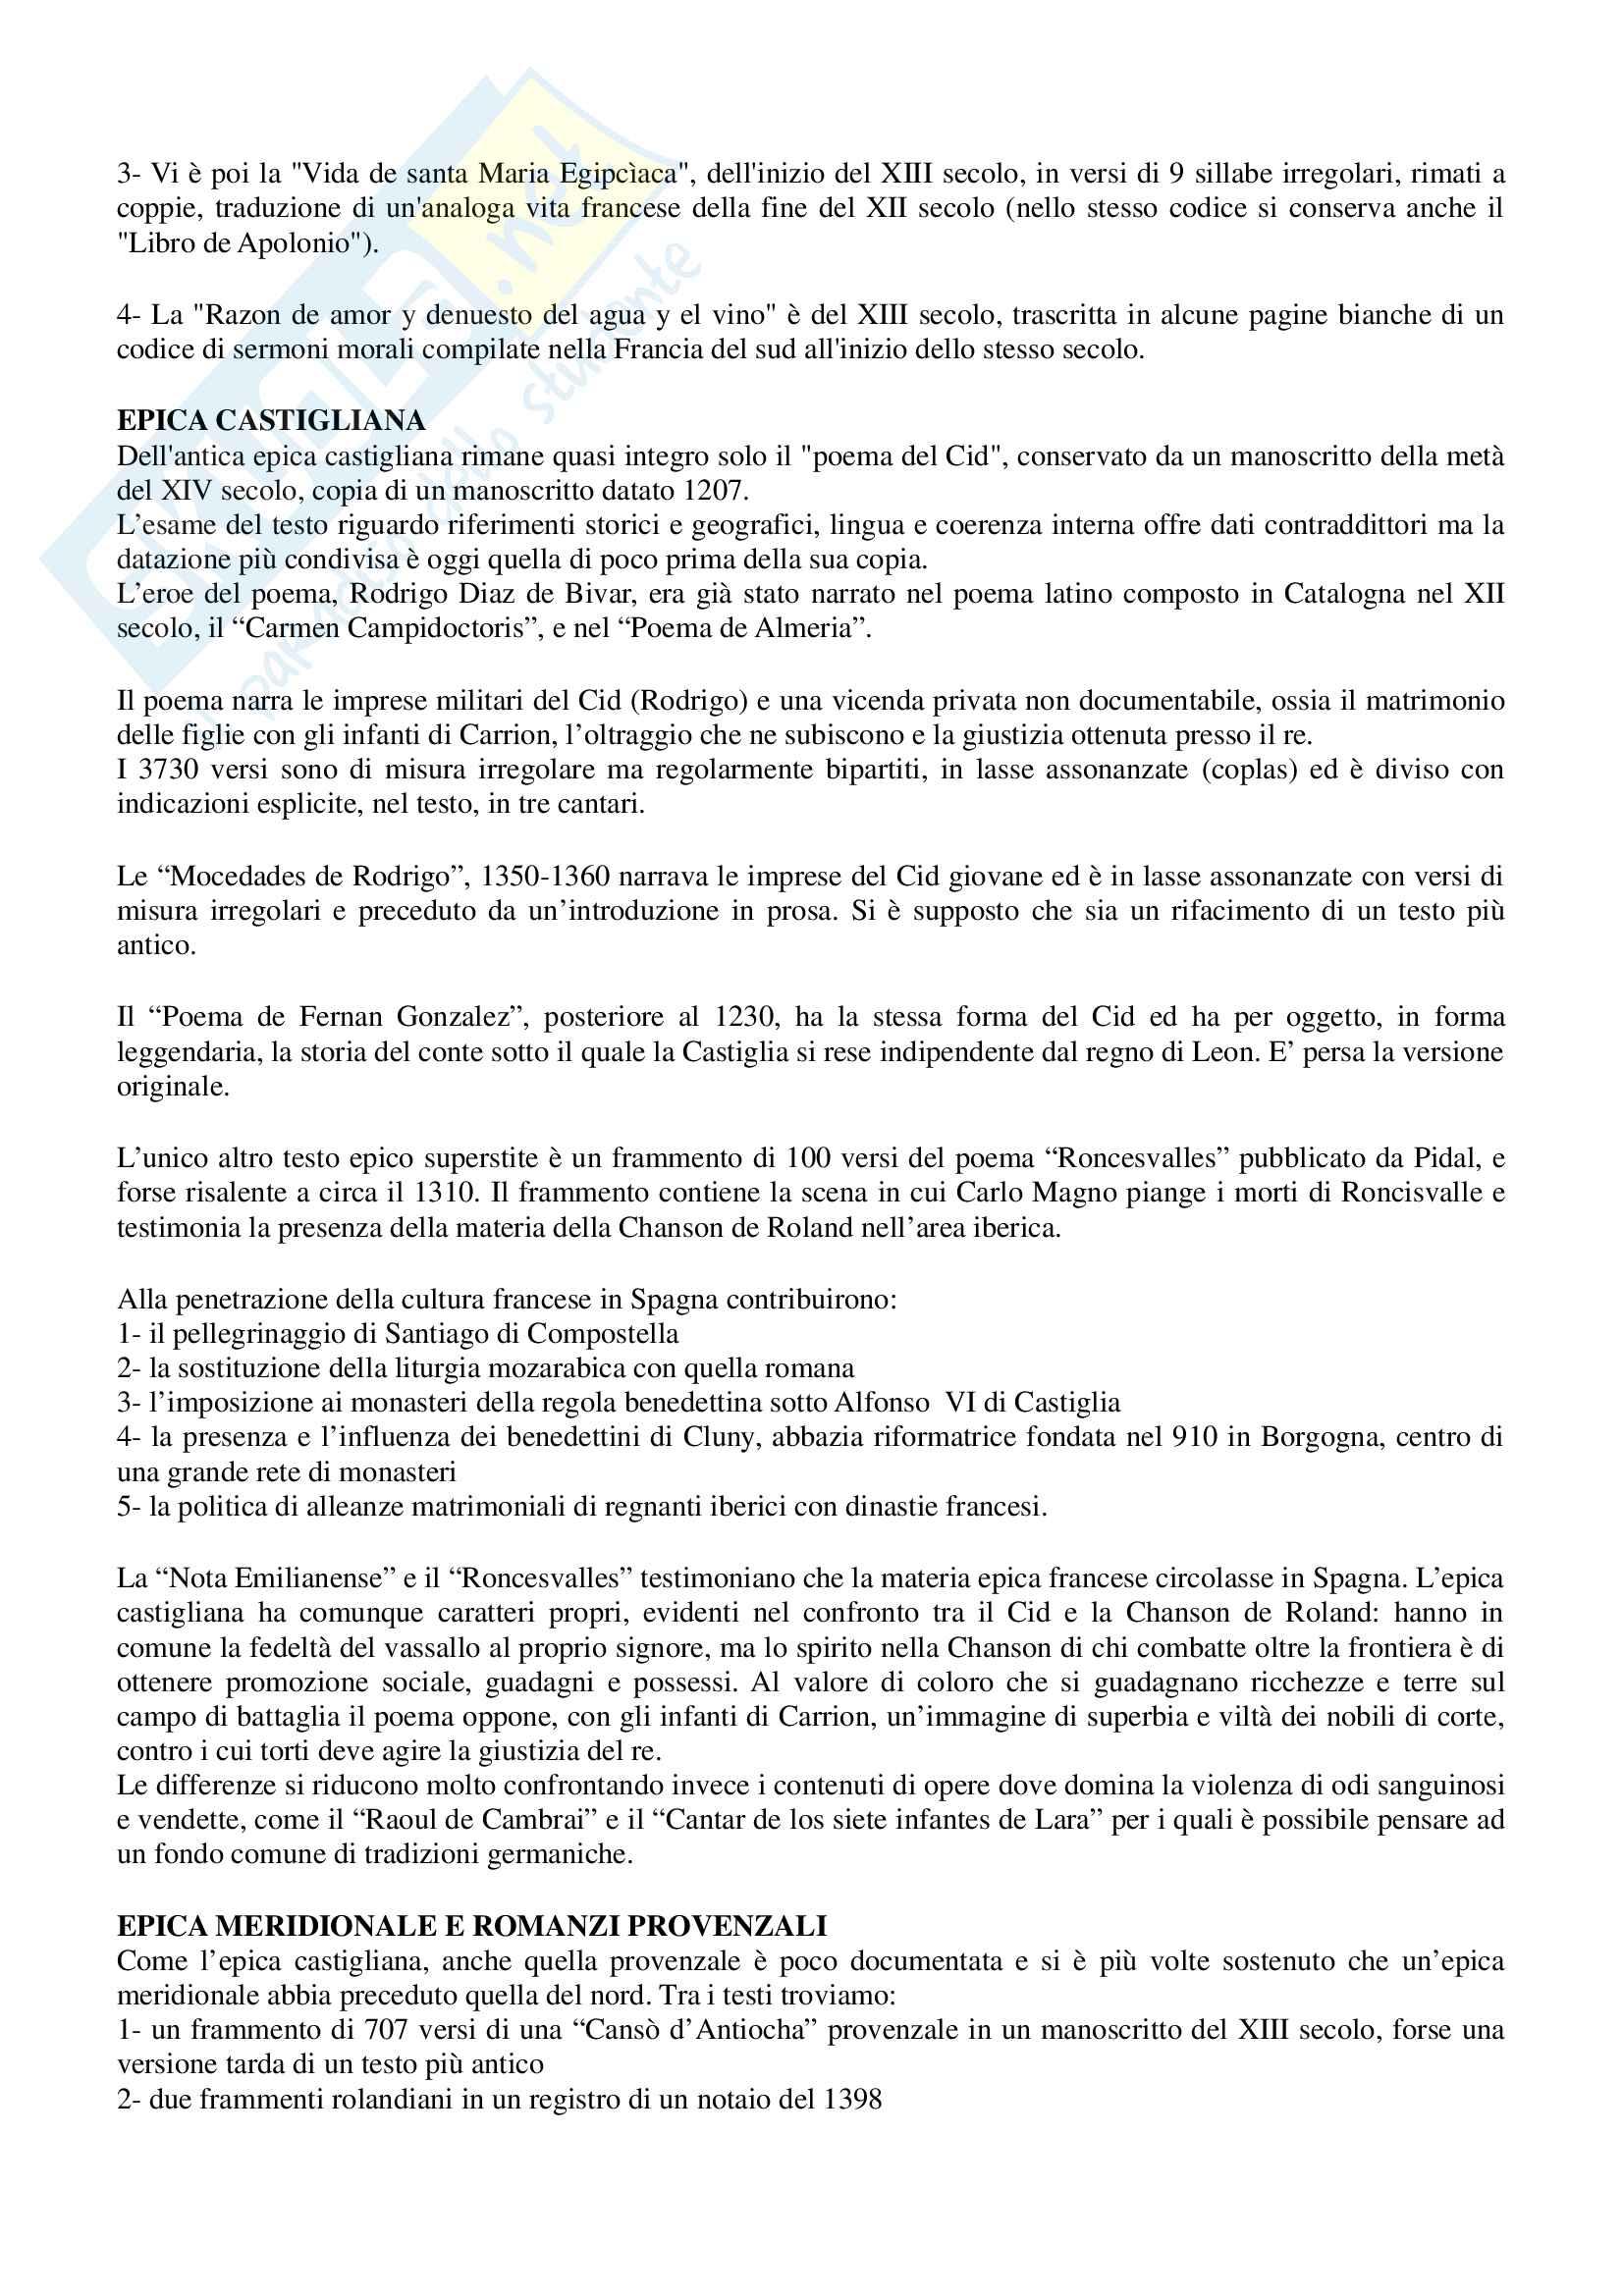 Riassunto per esame Filologia romanza, prof Paradisi, libro consigliato: La filologia romanza, Beltrami, 2017 Pag. 36